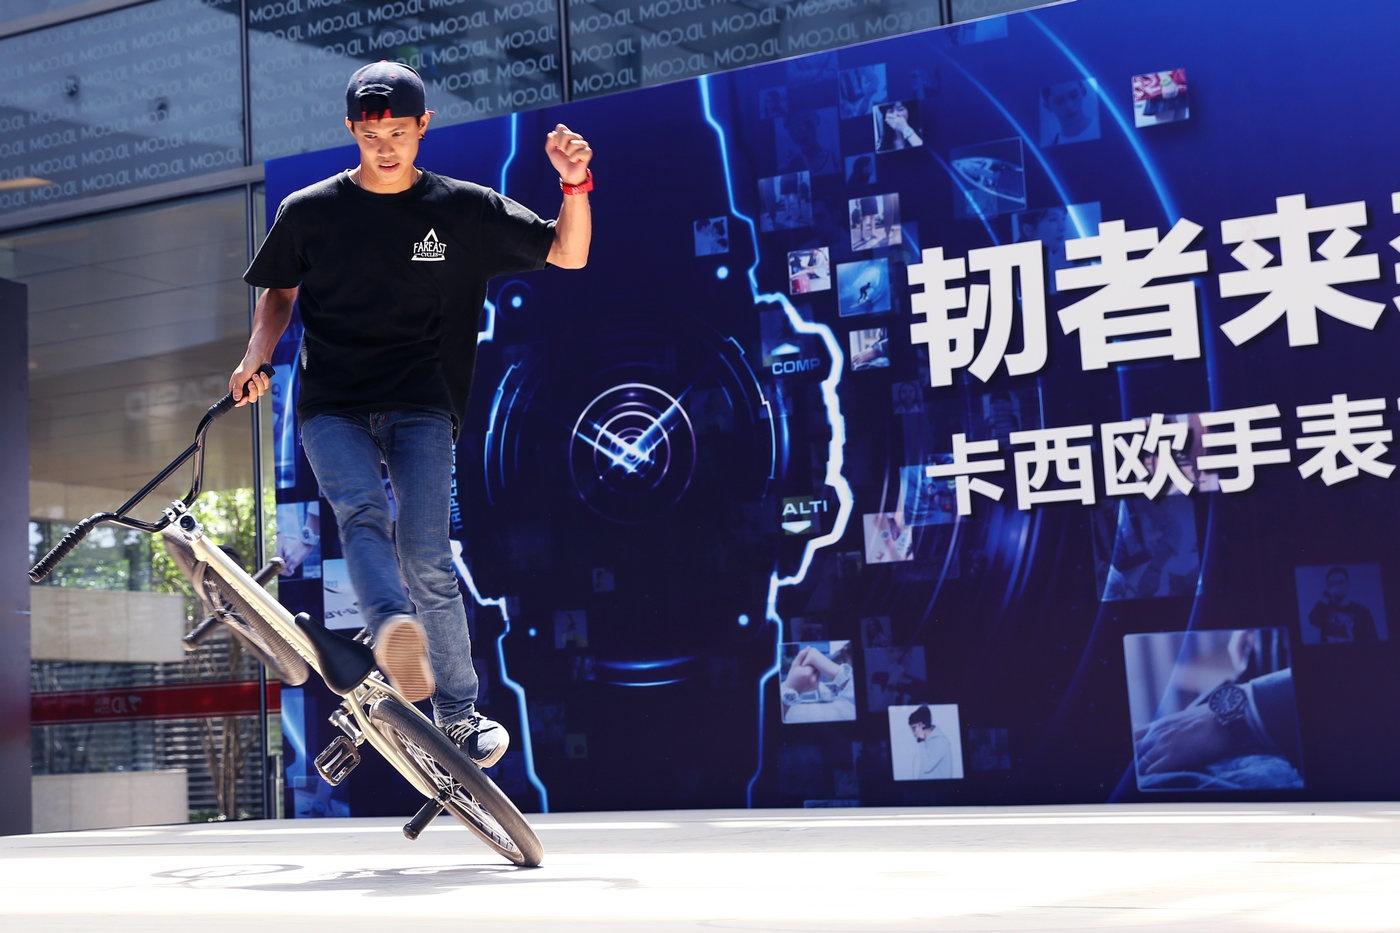 卡西欧手表京东旗舰店盛大开业,G-SHOCK狂潮势不可挡